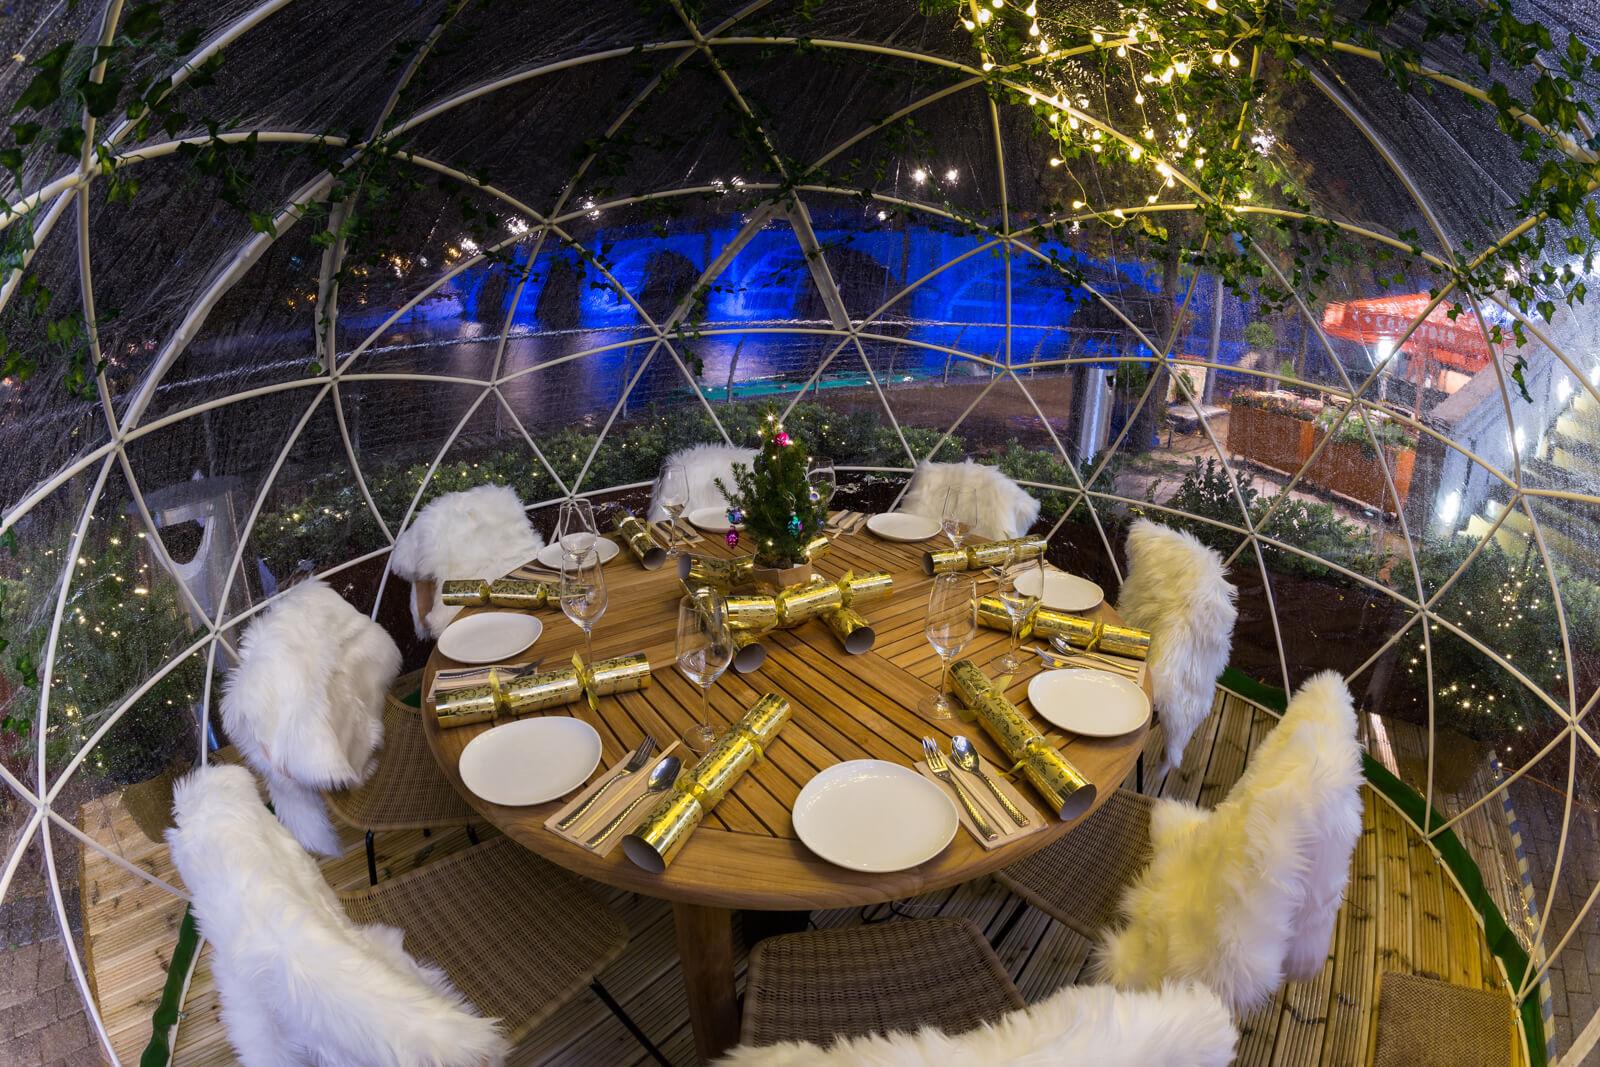 Busaba Igloo dinner table